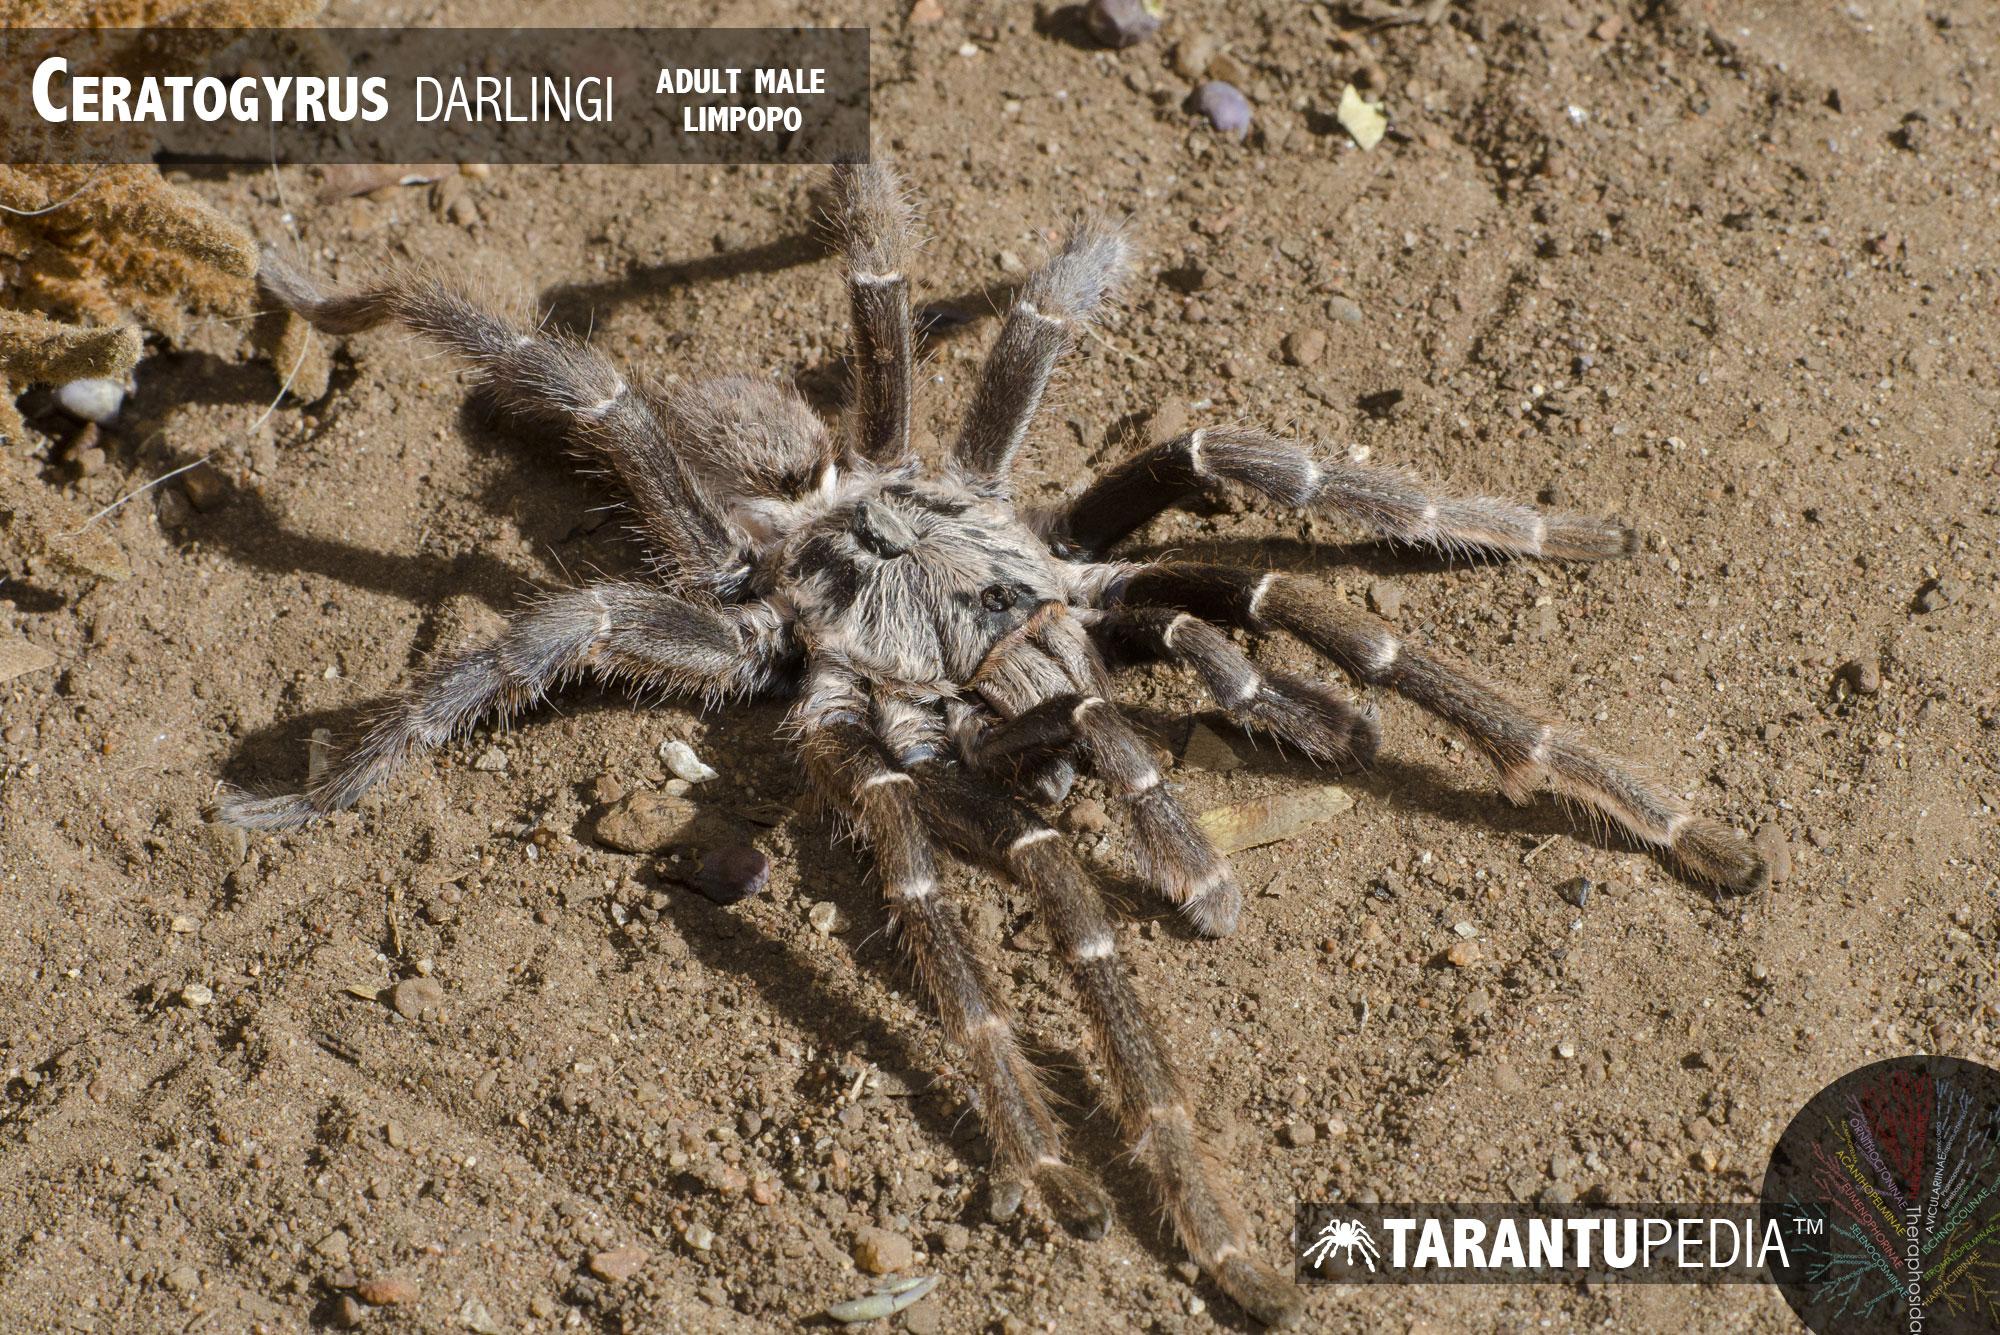 Ceratogyrus darlingi